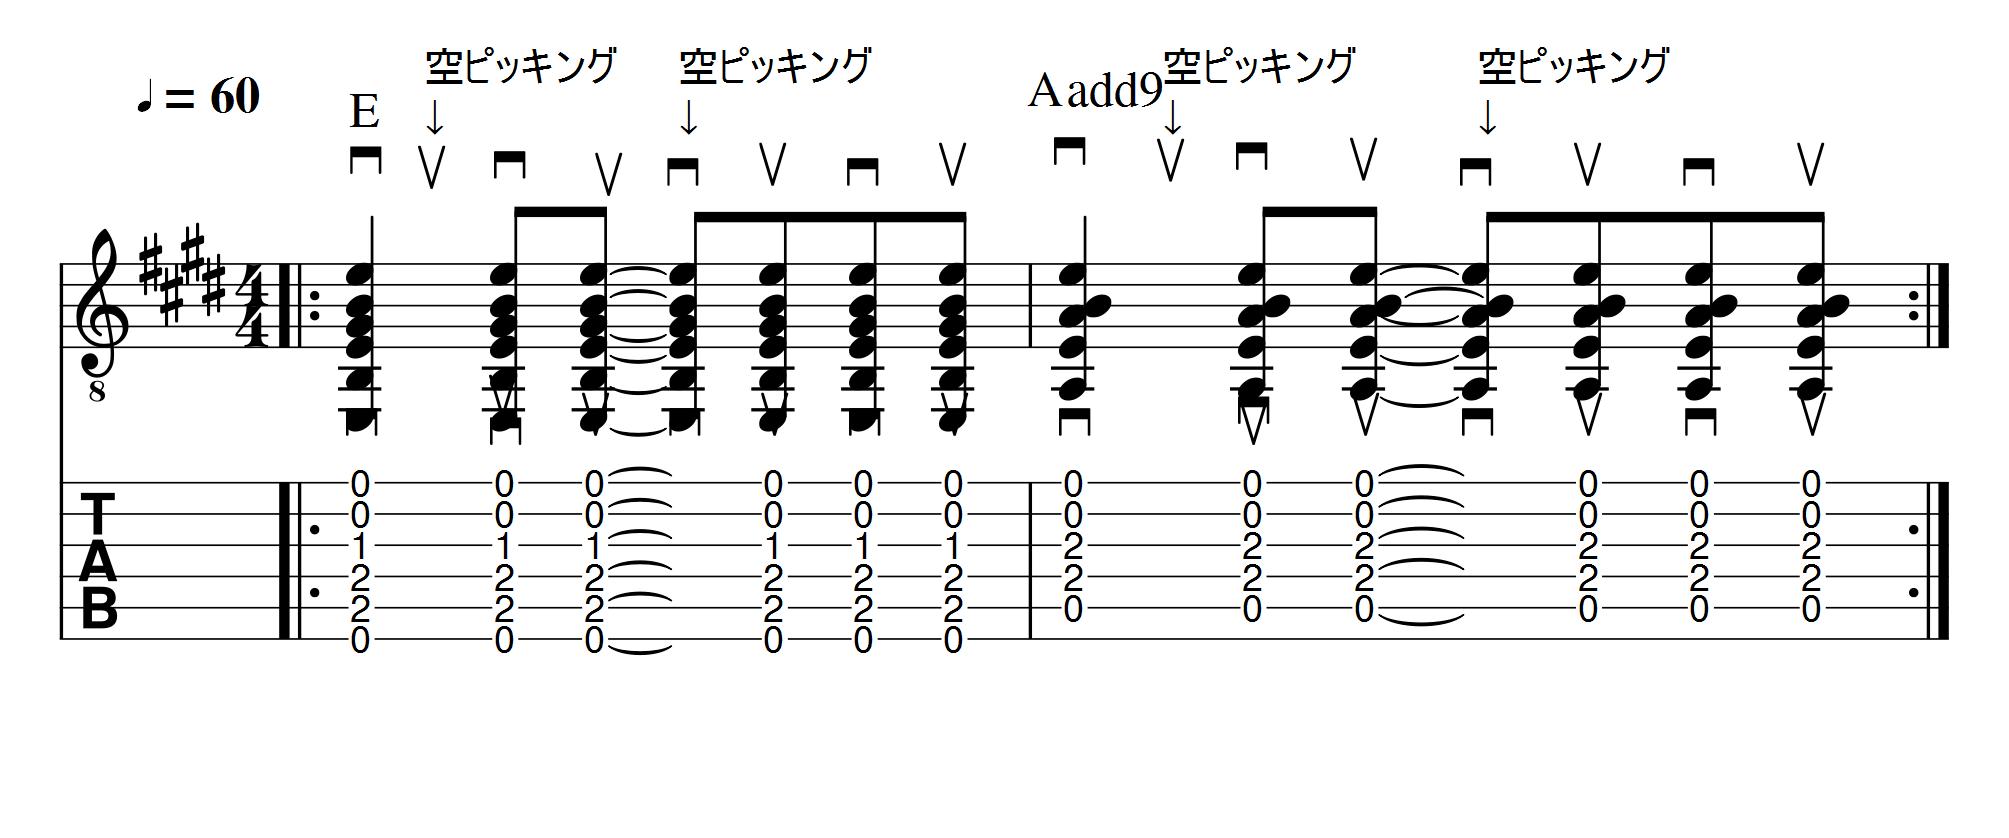 stroke4-1